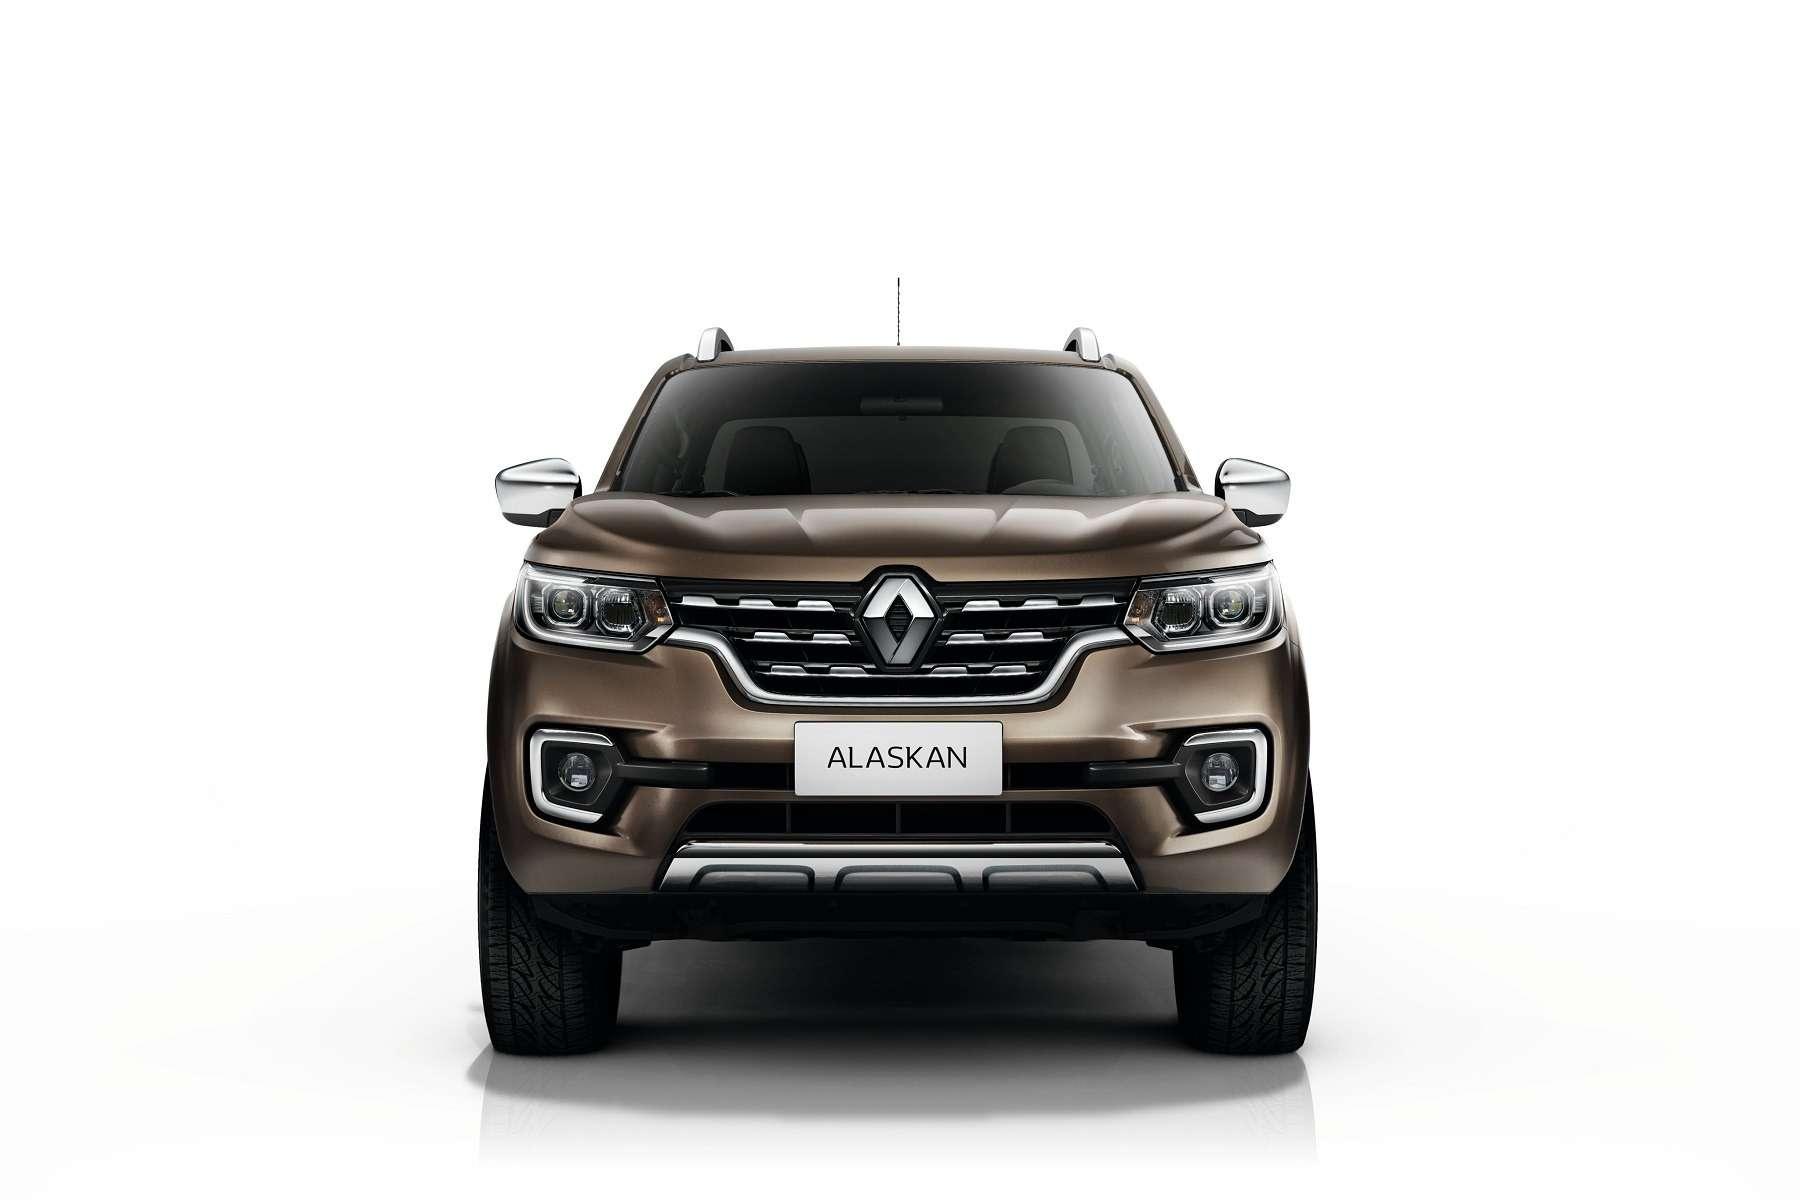 Ниссан поимени Renault: представлен пикап Alaskan— фото 603830